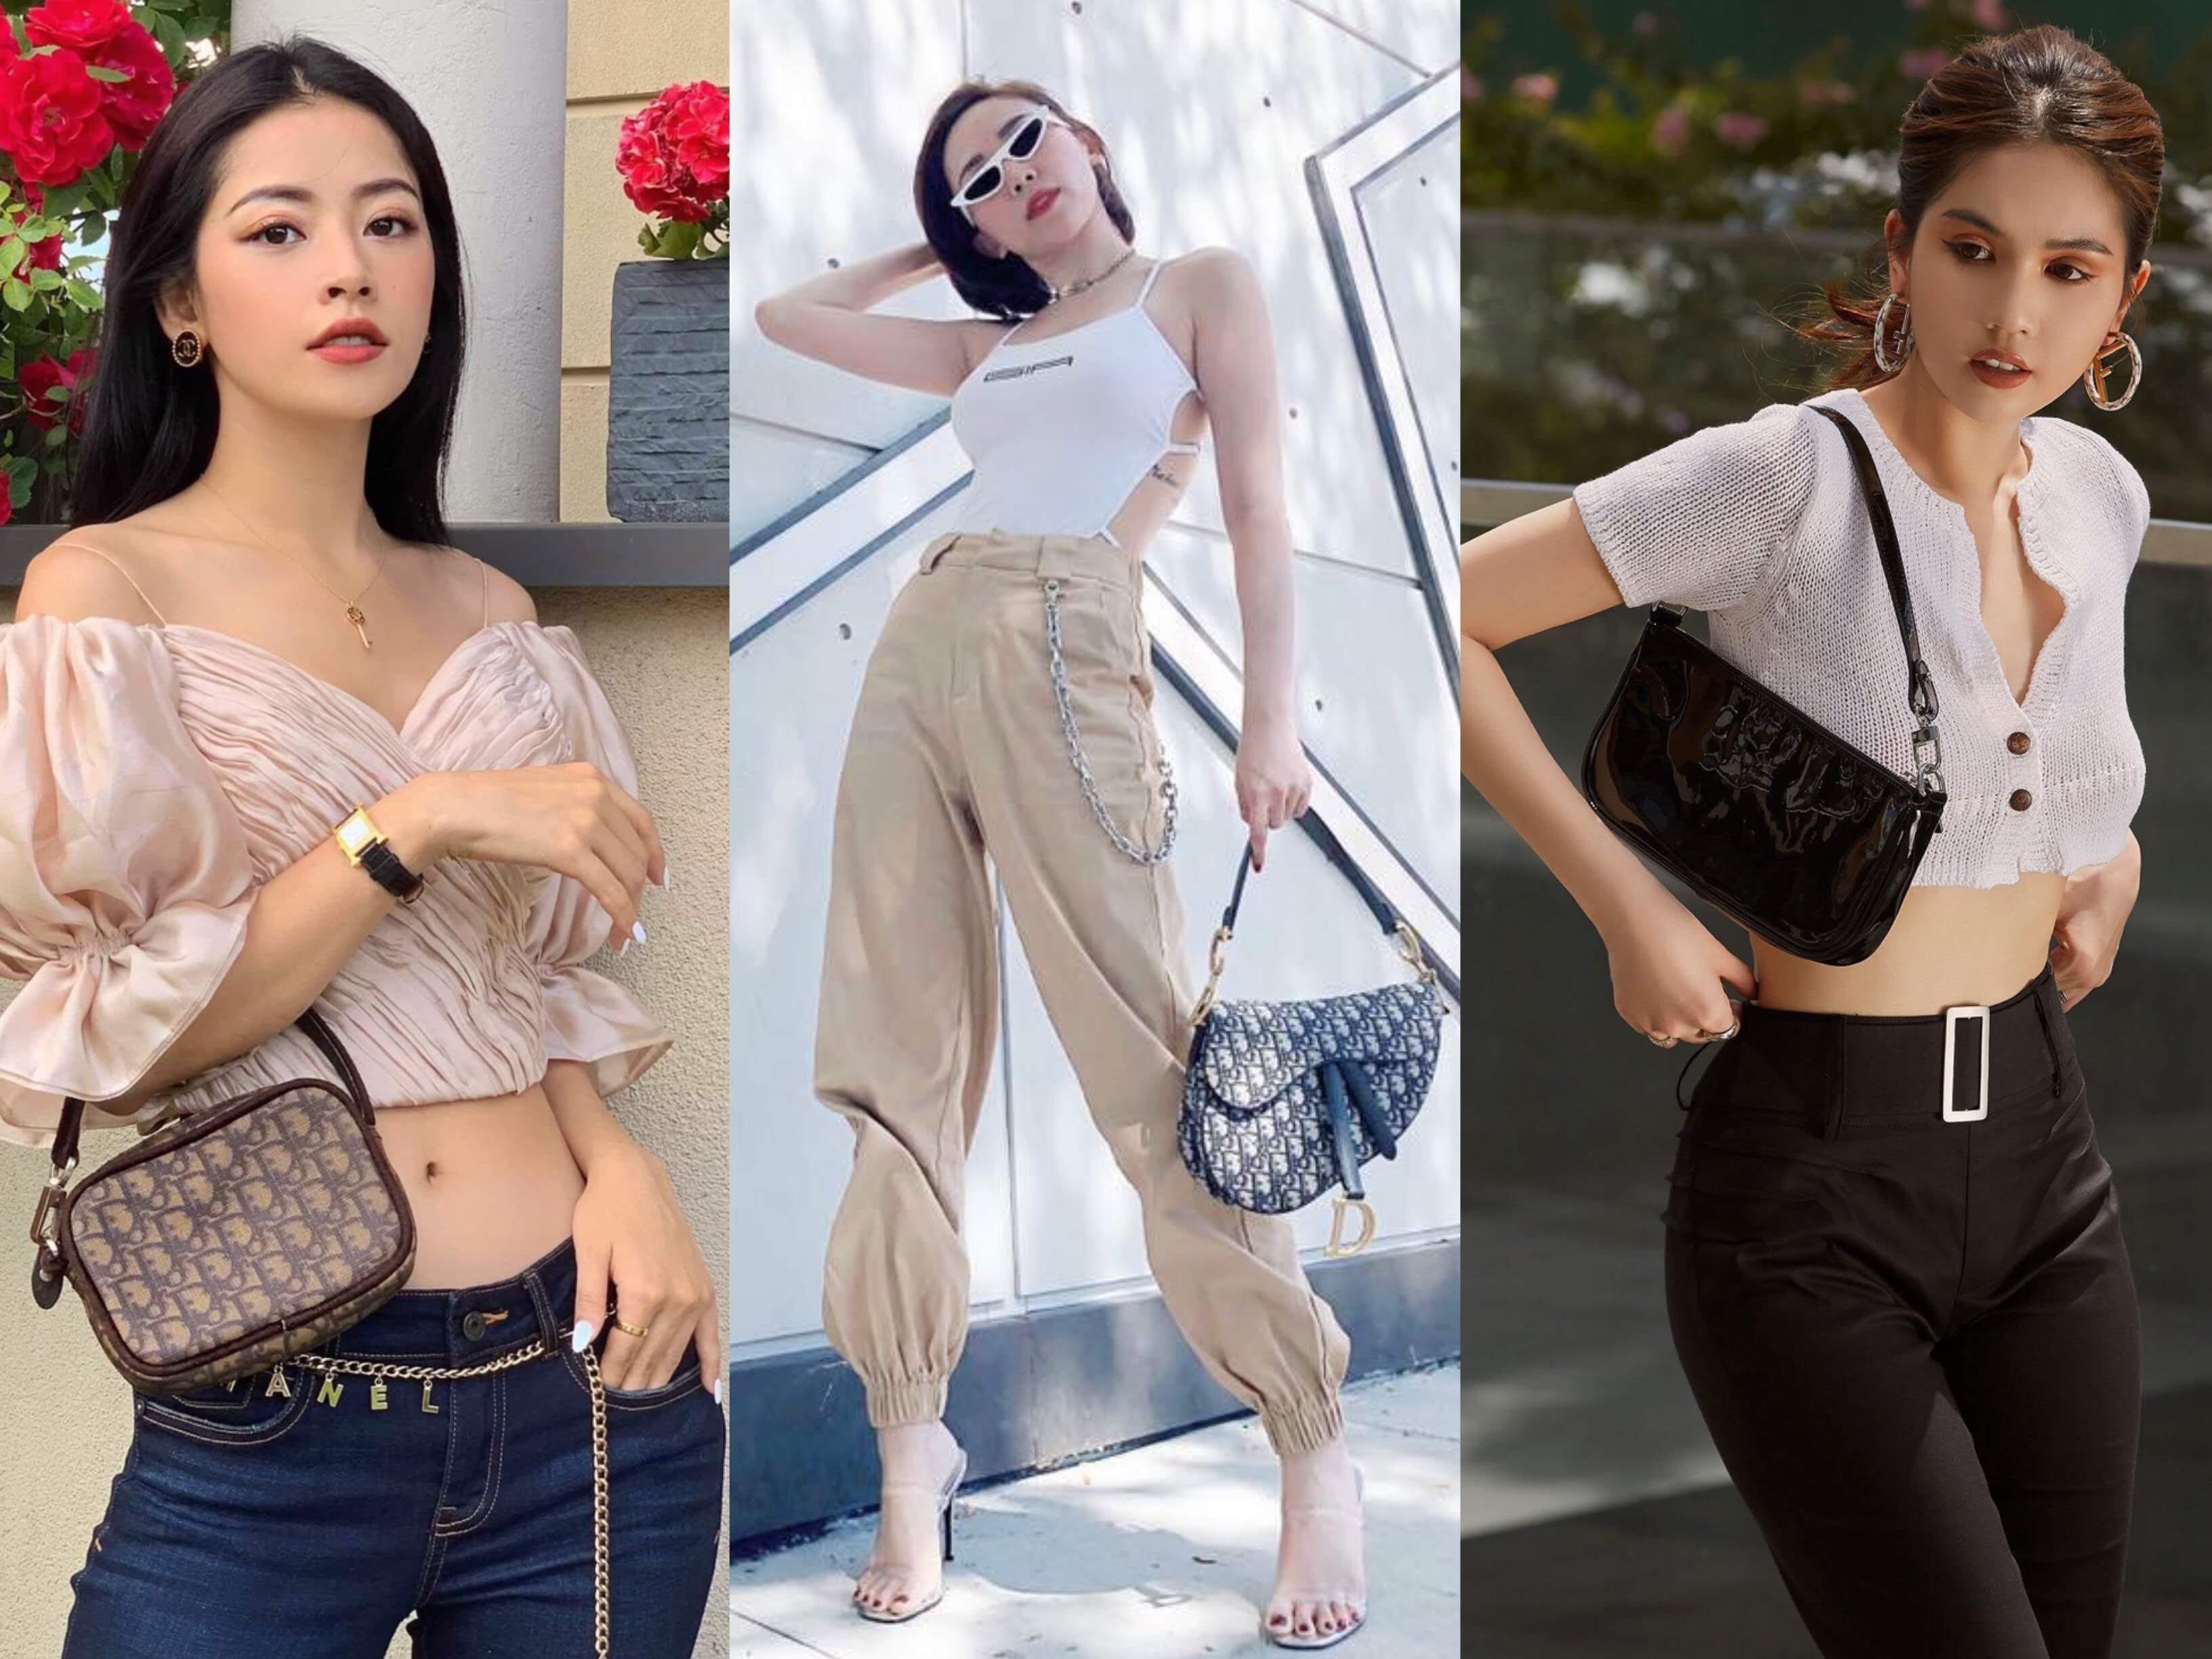 Túi kẹp nách trở thành làn sóng mới và được không ít ngôi sao thời trang trong nước, quốc tế yêu thích  Túi kẹp nách còn có tên gọi khác là shoulder bag với thiết kế dây đeo ngắn, người sử dụng khoác lên vai có thể tạo hiệu ứng cho đôi chân trở nên dài hơn. Những